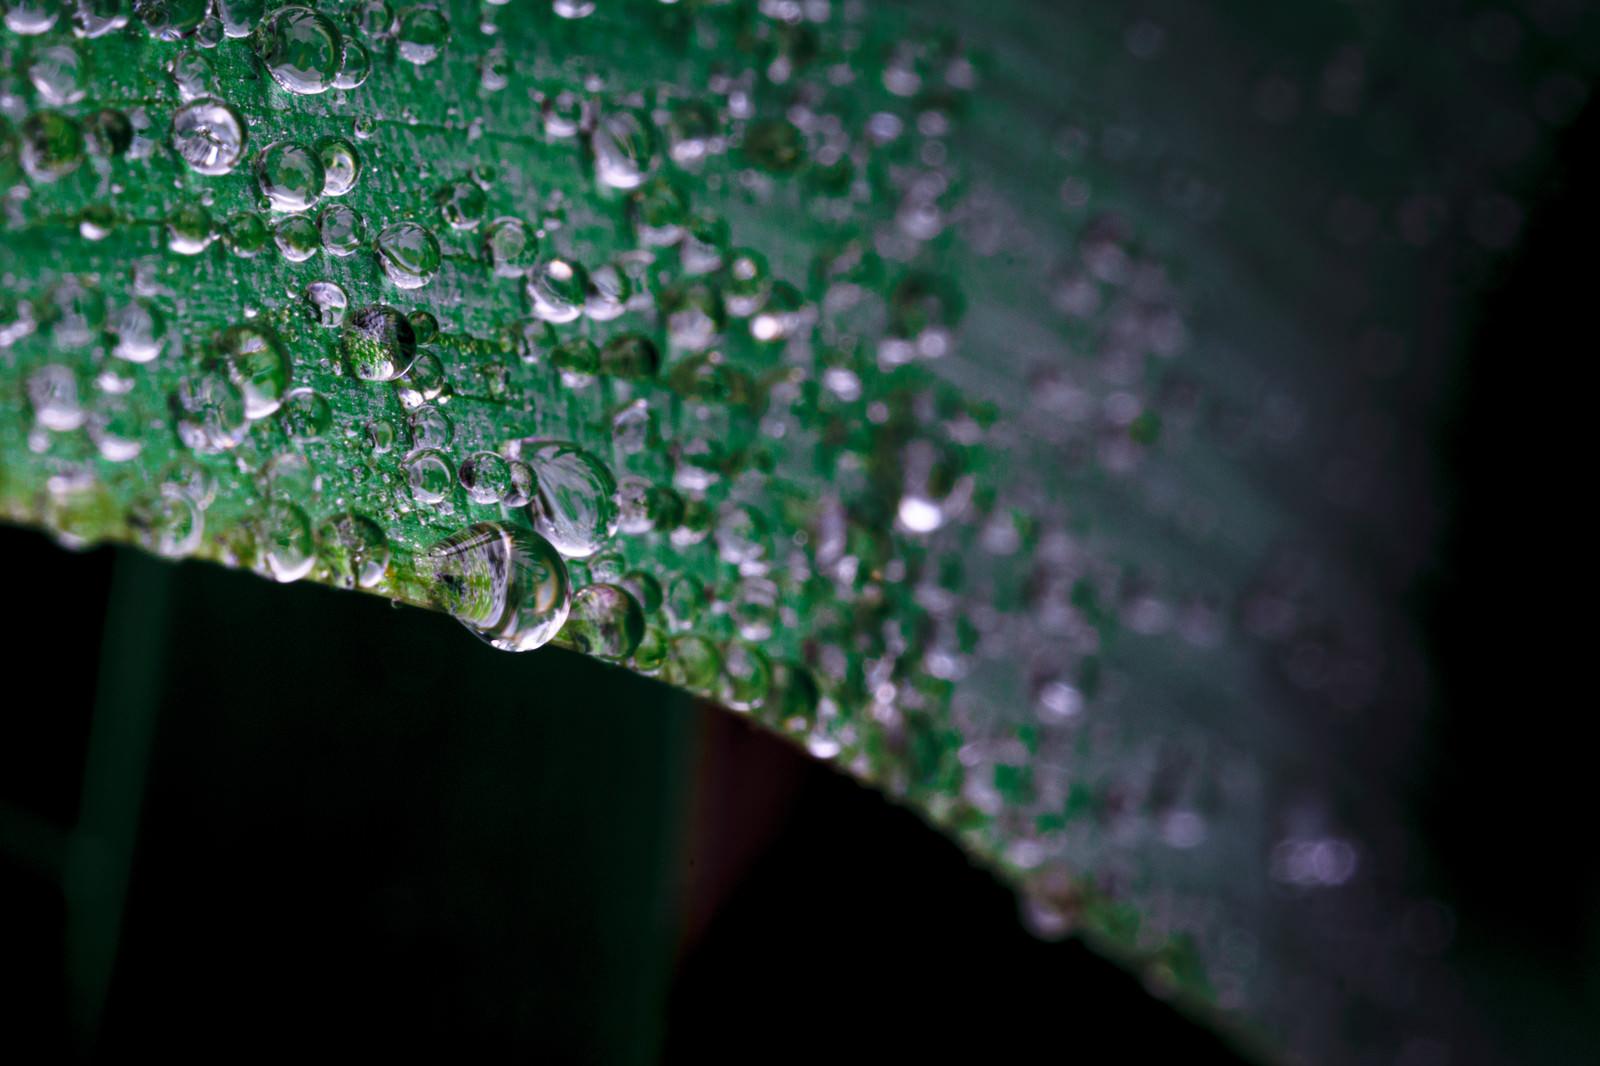 「葉から滴り落ちそうな雨粒」の写真